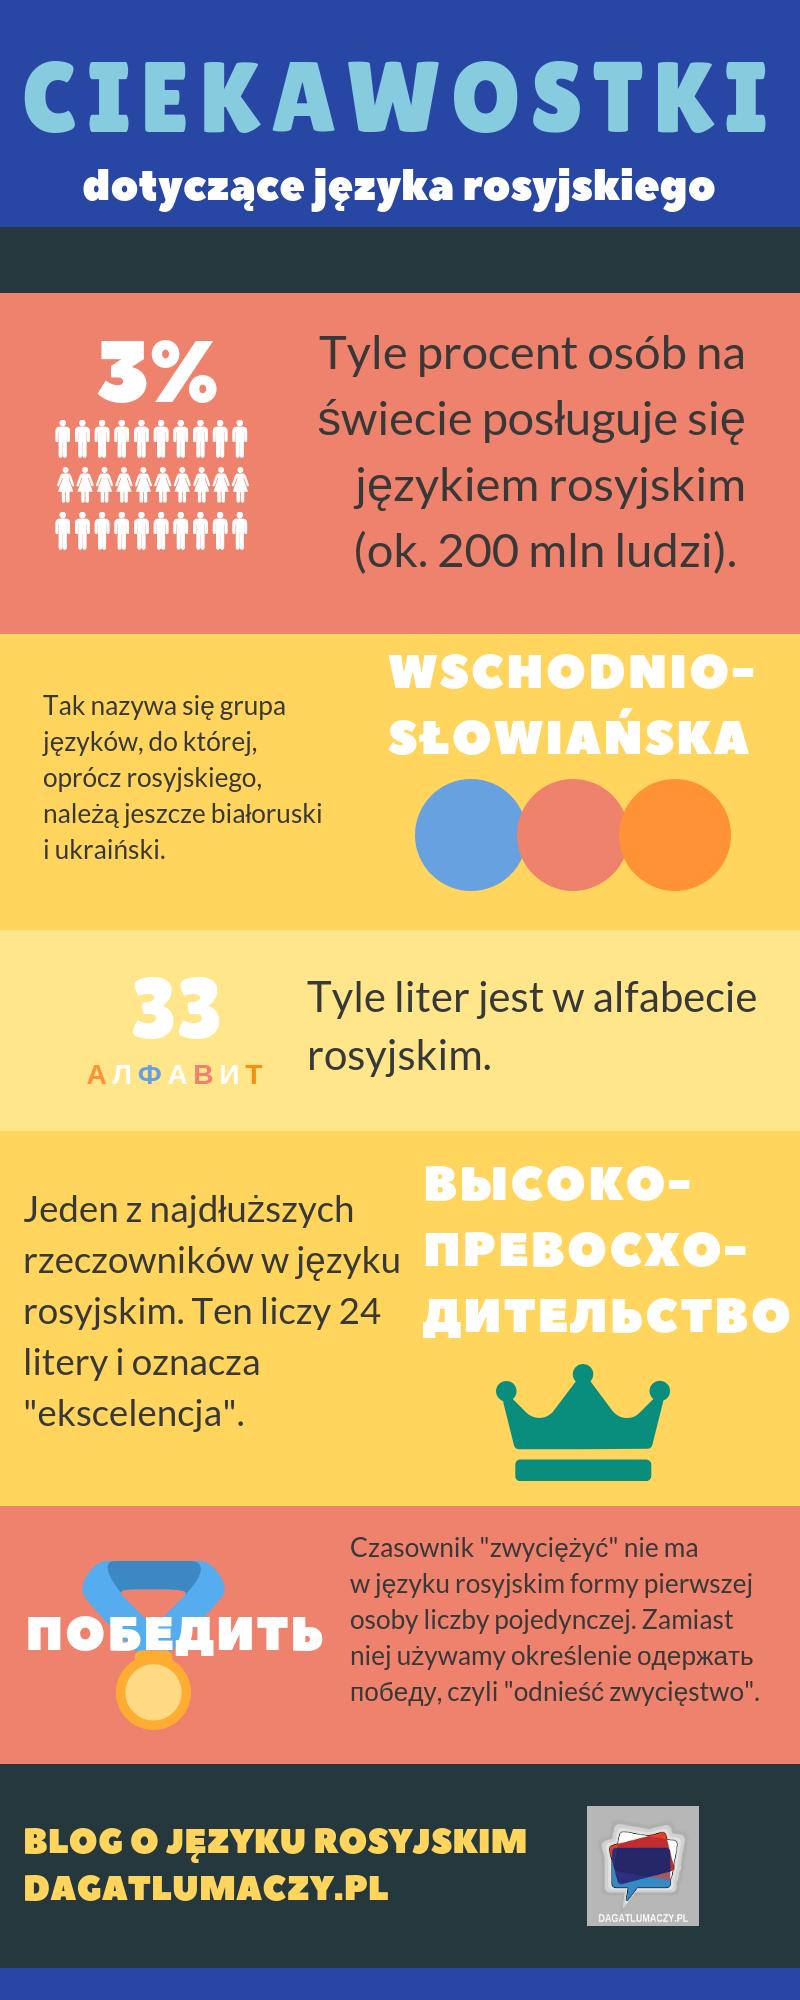 ciekawostki o języku rosyjskim - infografika